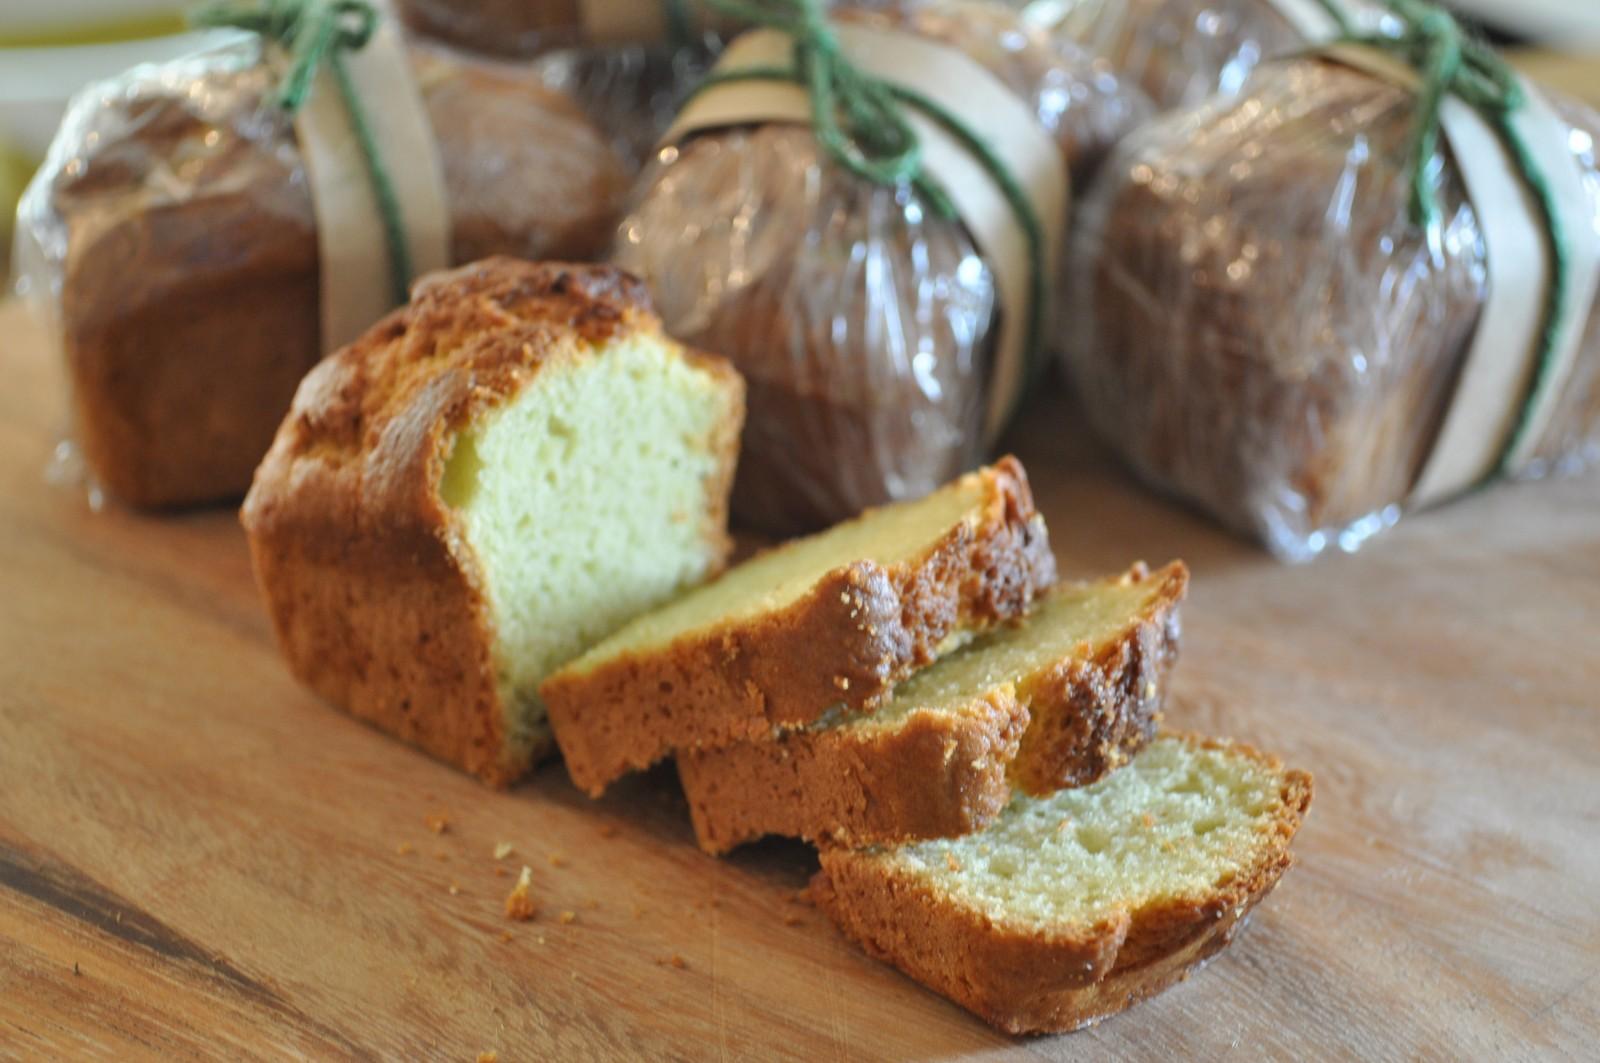 Avocado loaf cakes